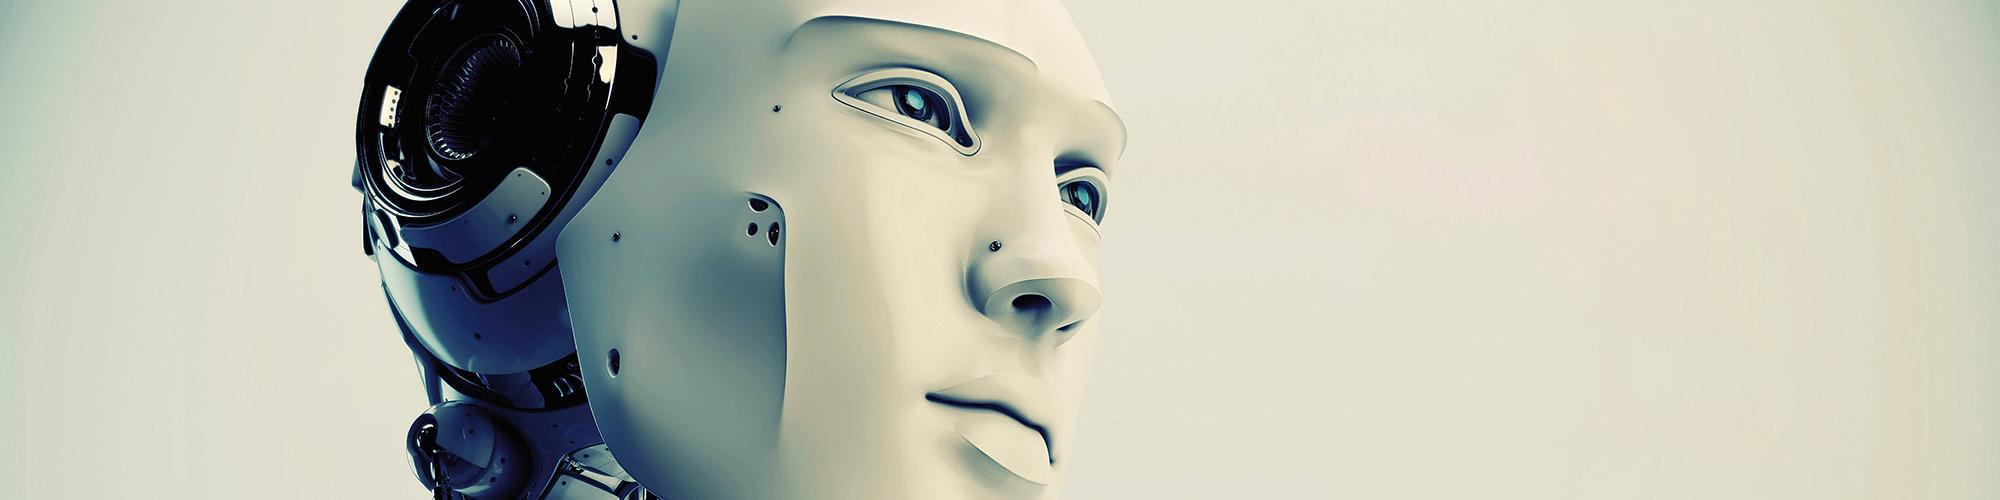 Digitalisierung ist Wandelbar: Robot-AI